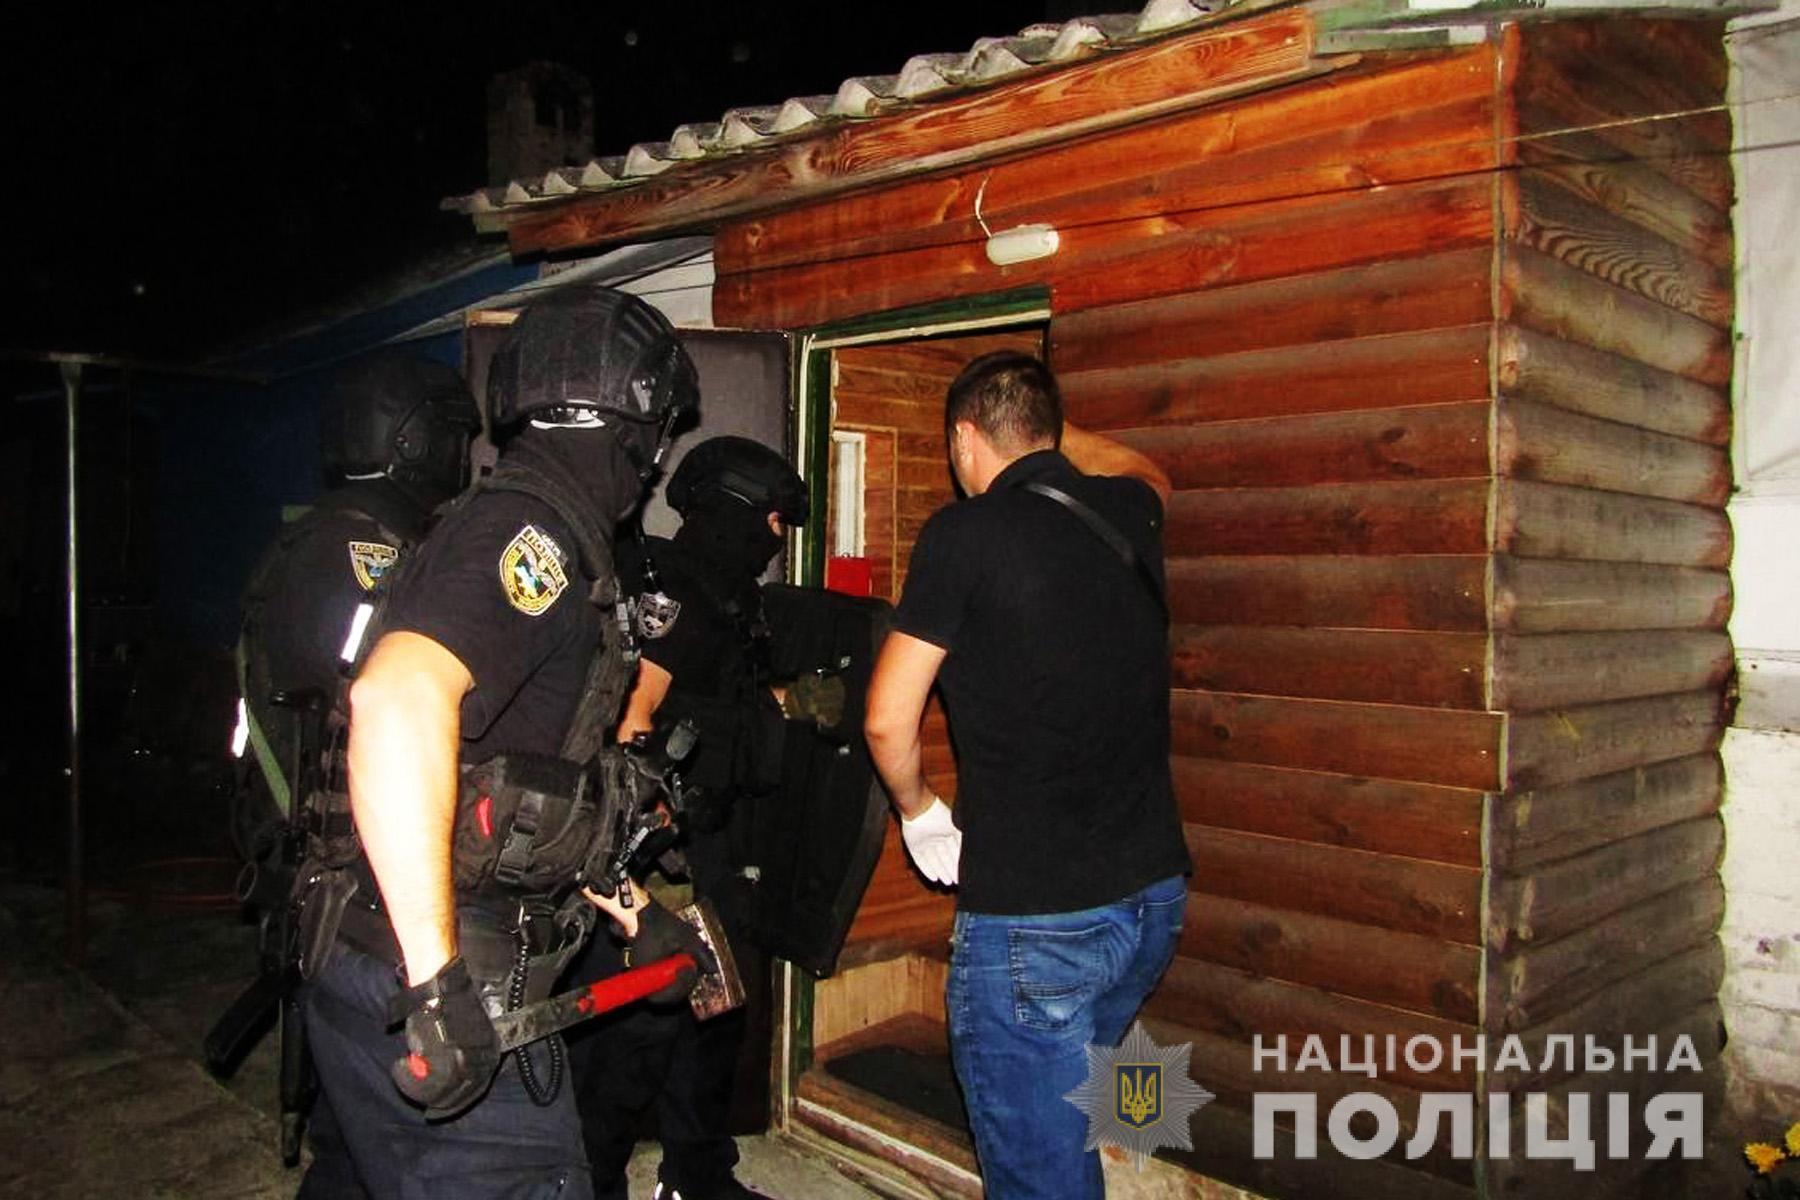 На место совершения преступления выехали следственно-оперативная группа Черниговского районного управления полиции.